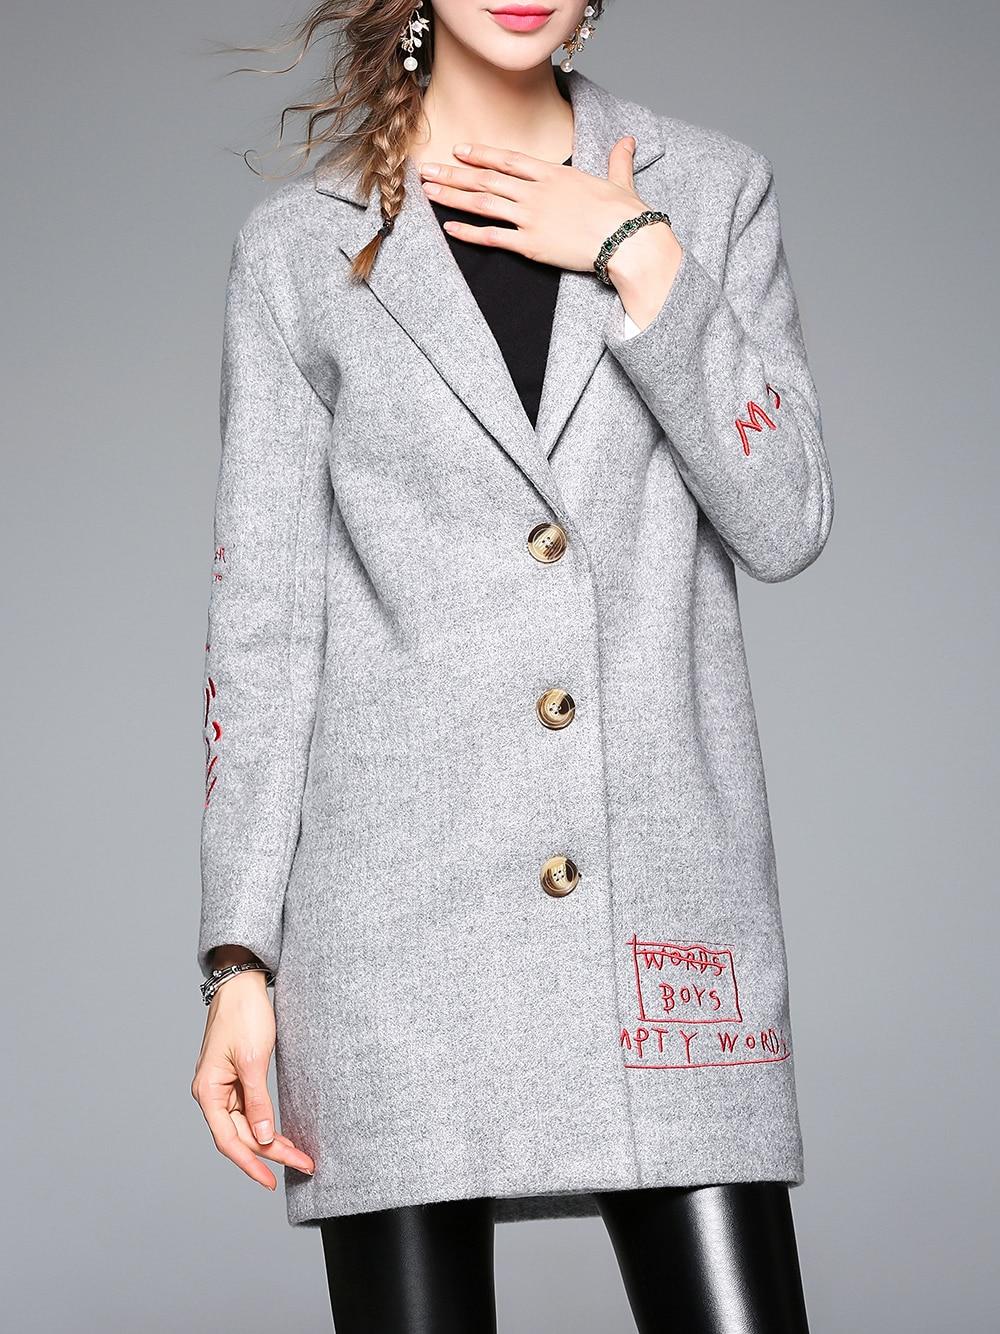 Пальто с вышивкой (60 фото модное 2018, с золотой вышивкой, с вышивкой) 4